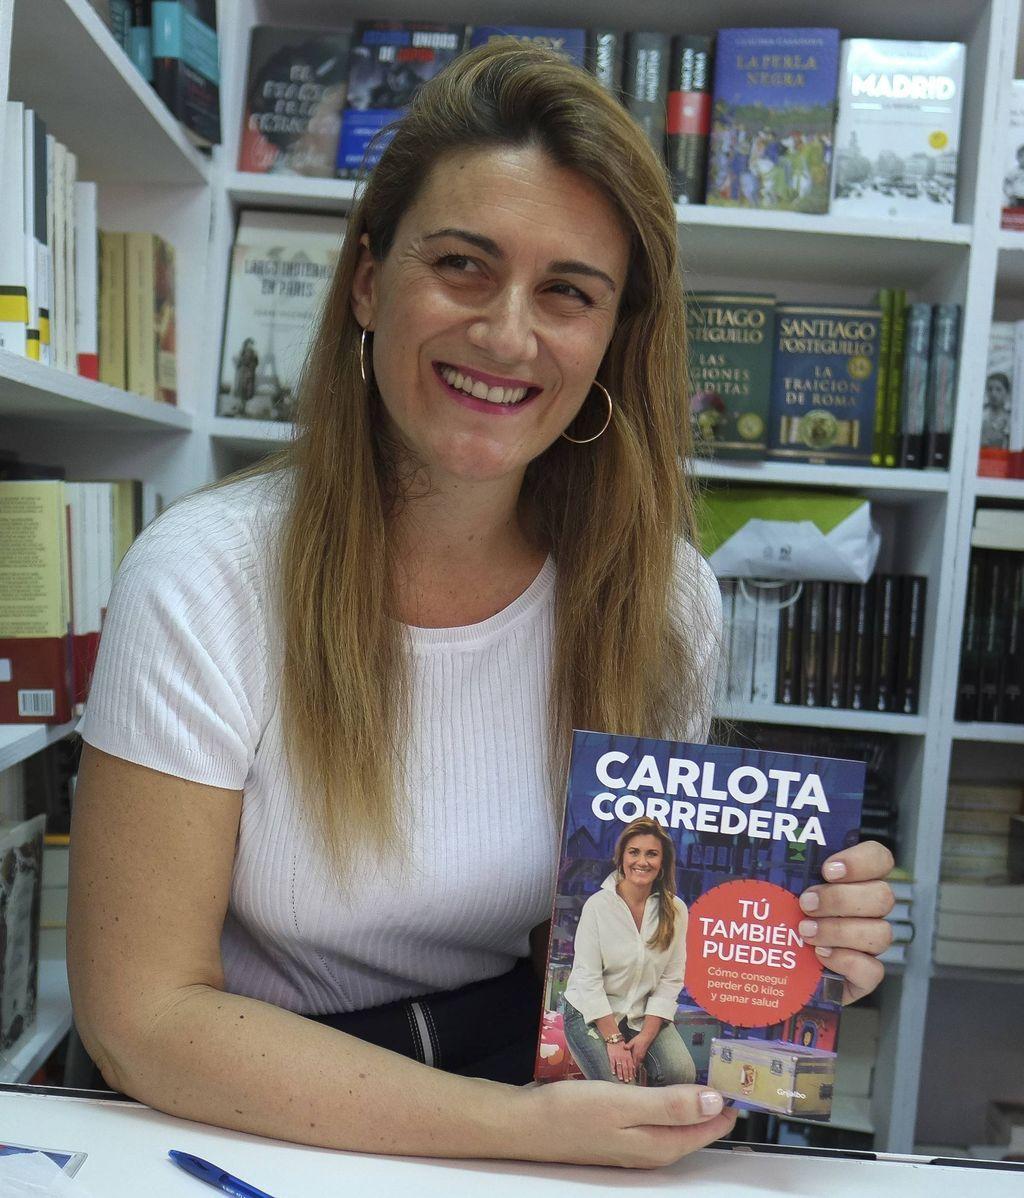 Carlota Corredera, con su libro 'Tú también puedes'